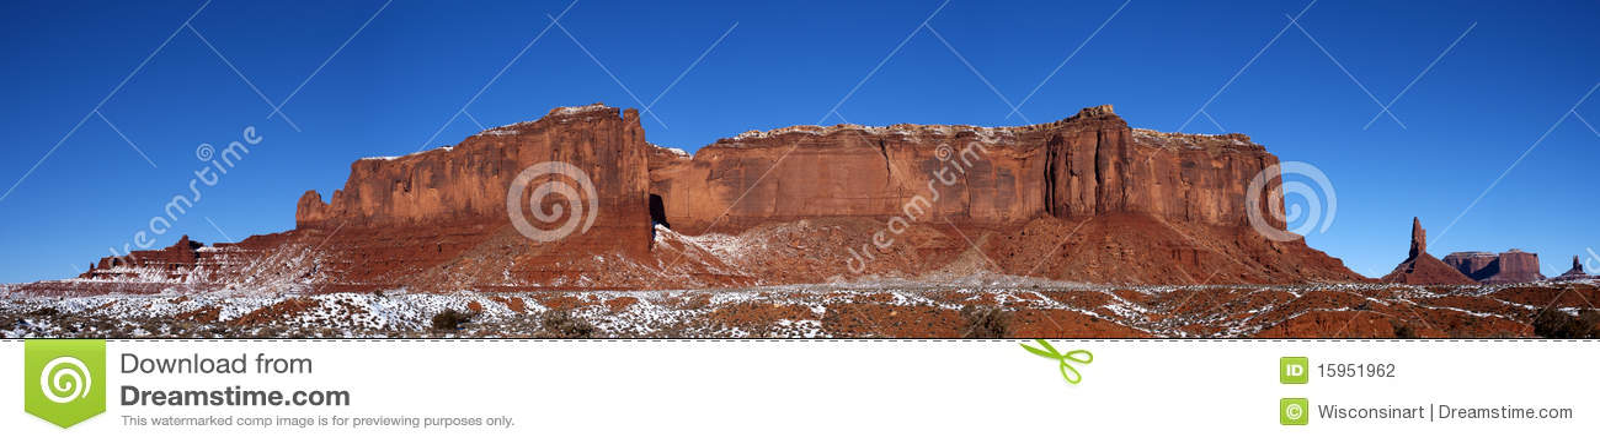 纪念碑山全景土坎雪谷